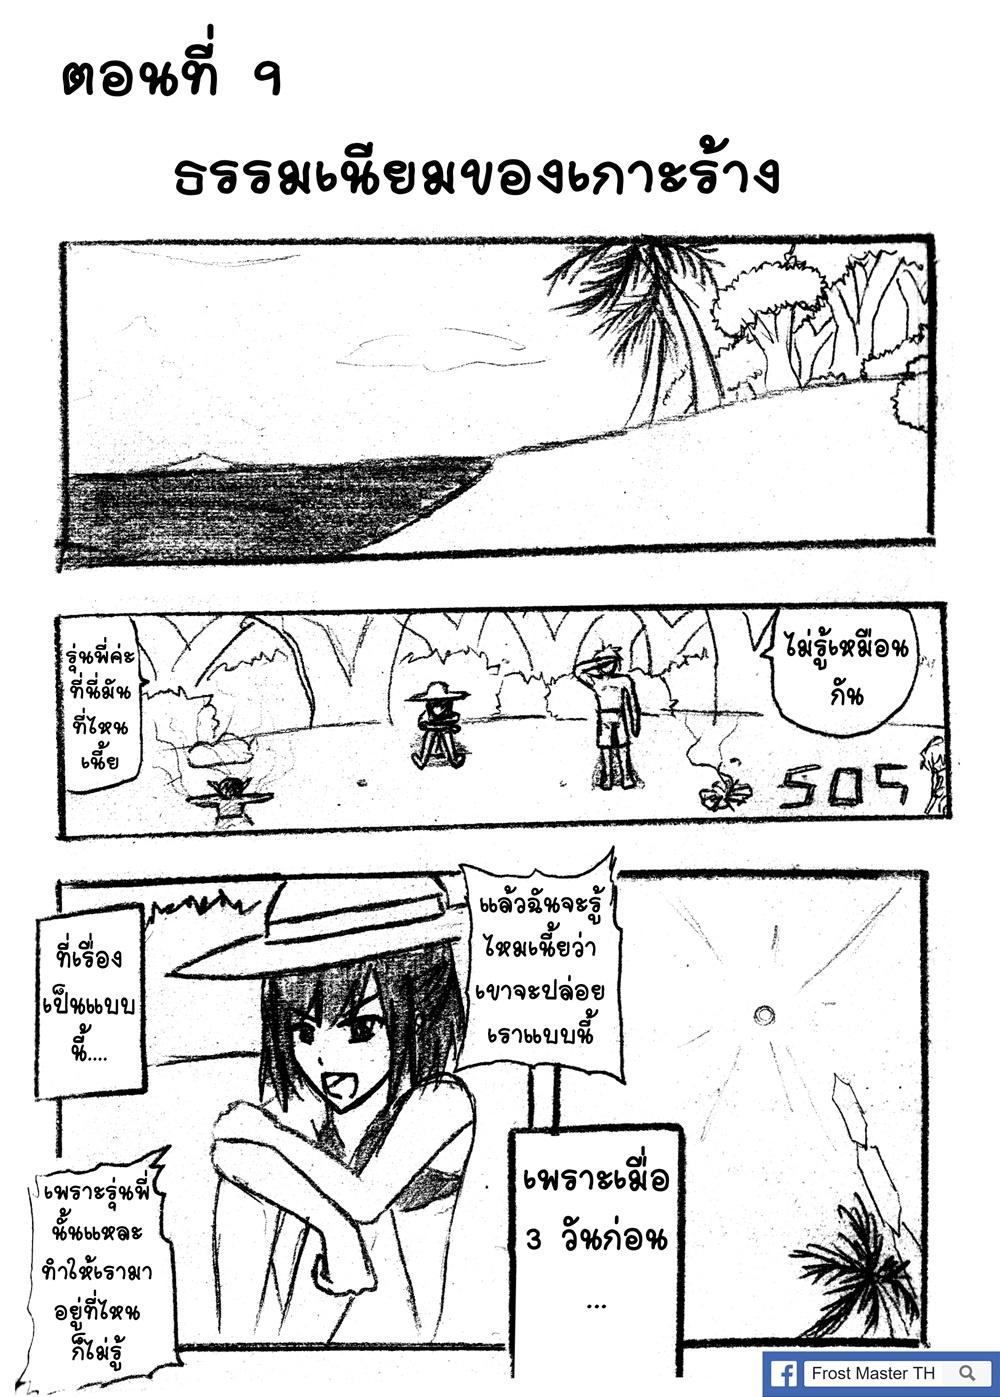 ตอนที่ 9 - ธรรมเนียมของเกาะร้าง